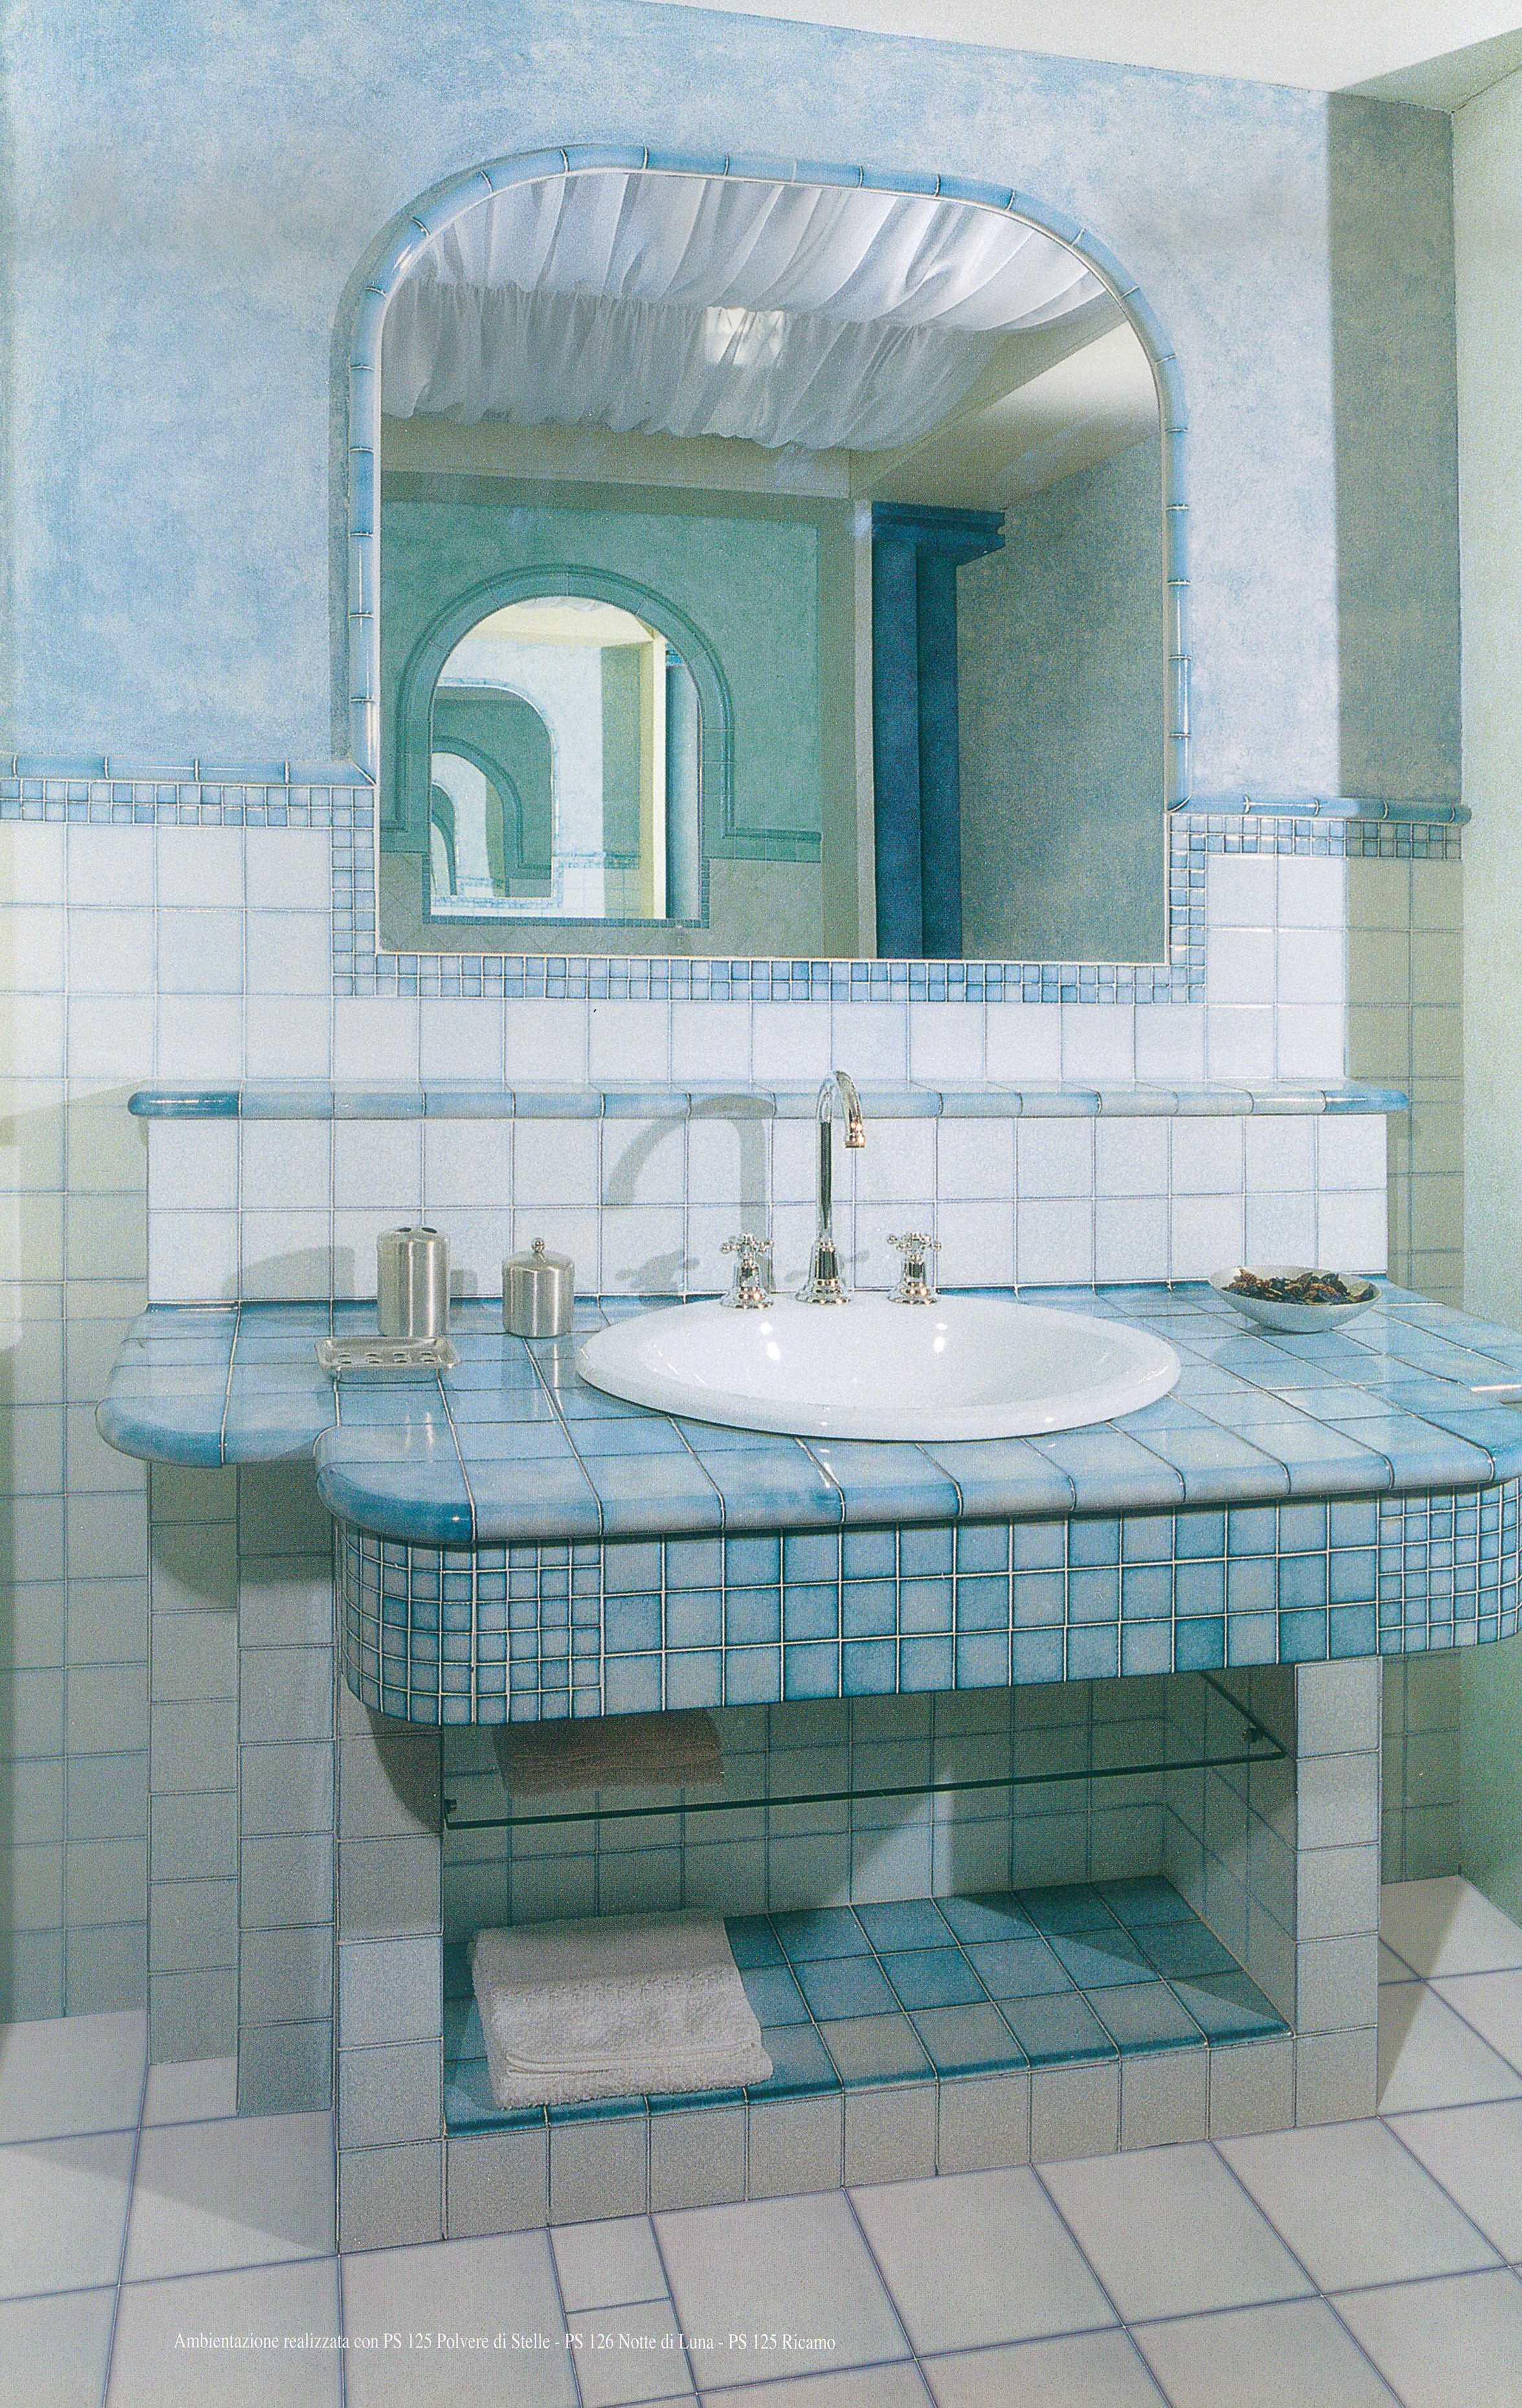 Piastrelle pavimento rivestimento bagno fac azzurre blu - Piastrelle 10x10 bagno ...